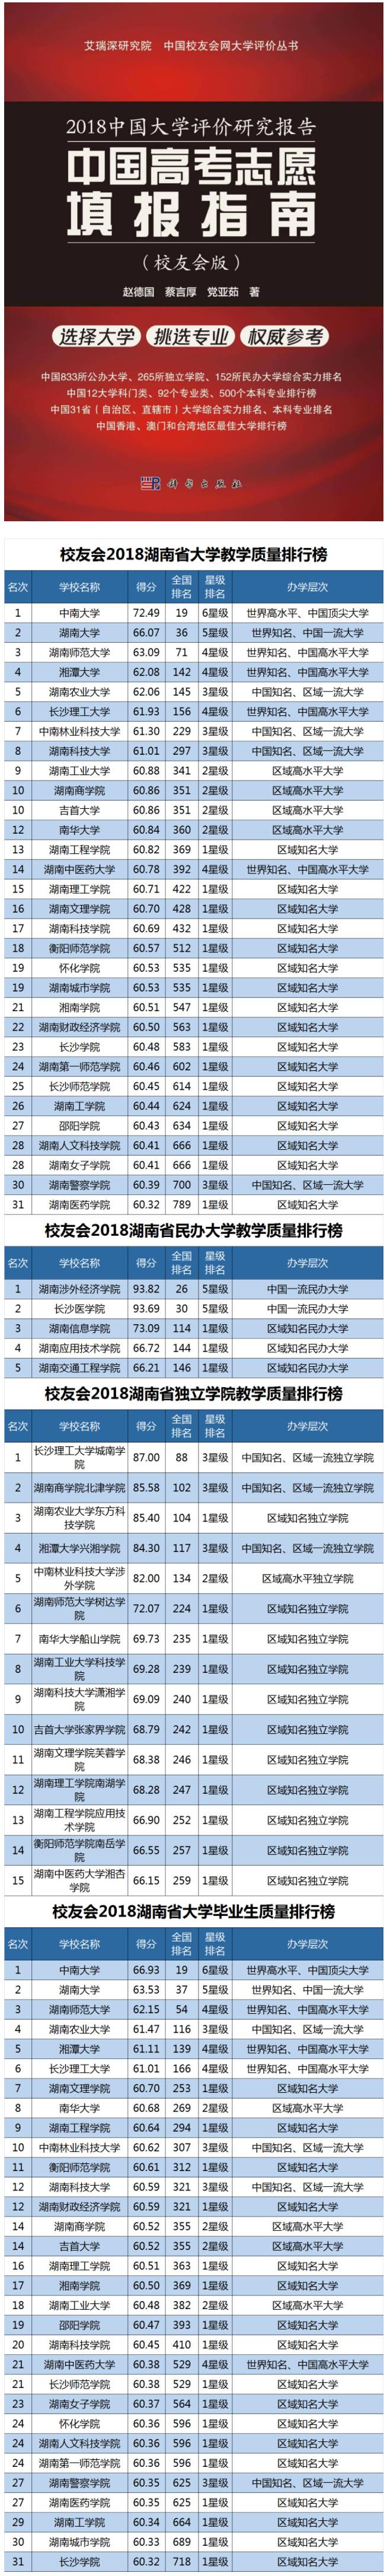 湖南省教学质量、毕业生质量最高大学排行榜:中南大学第一!